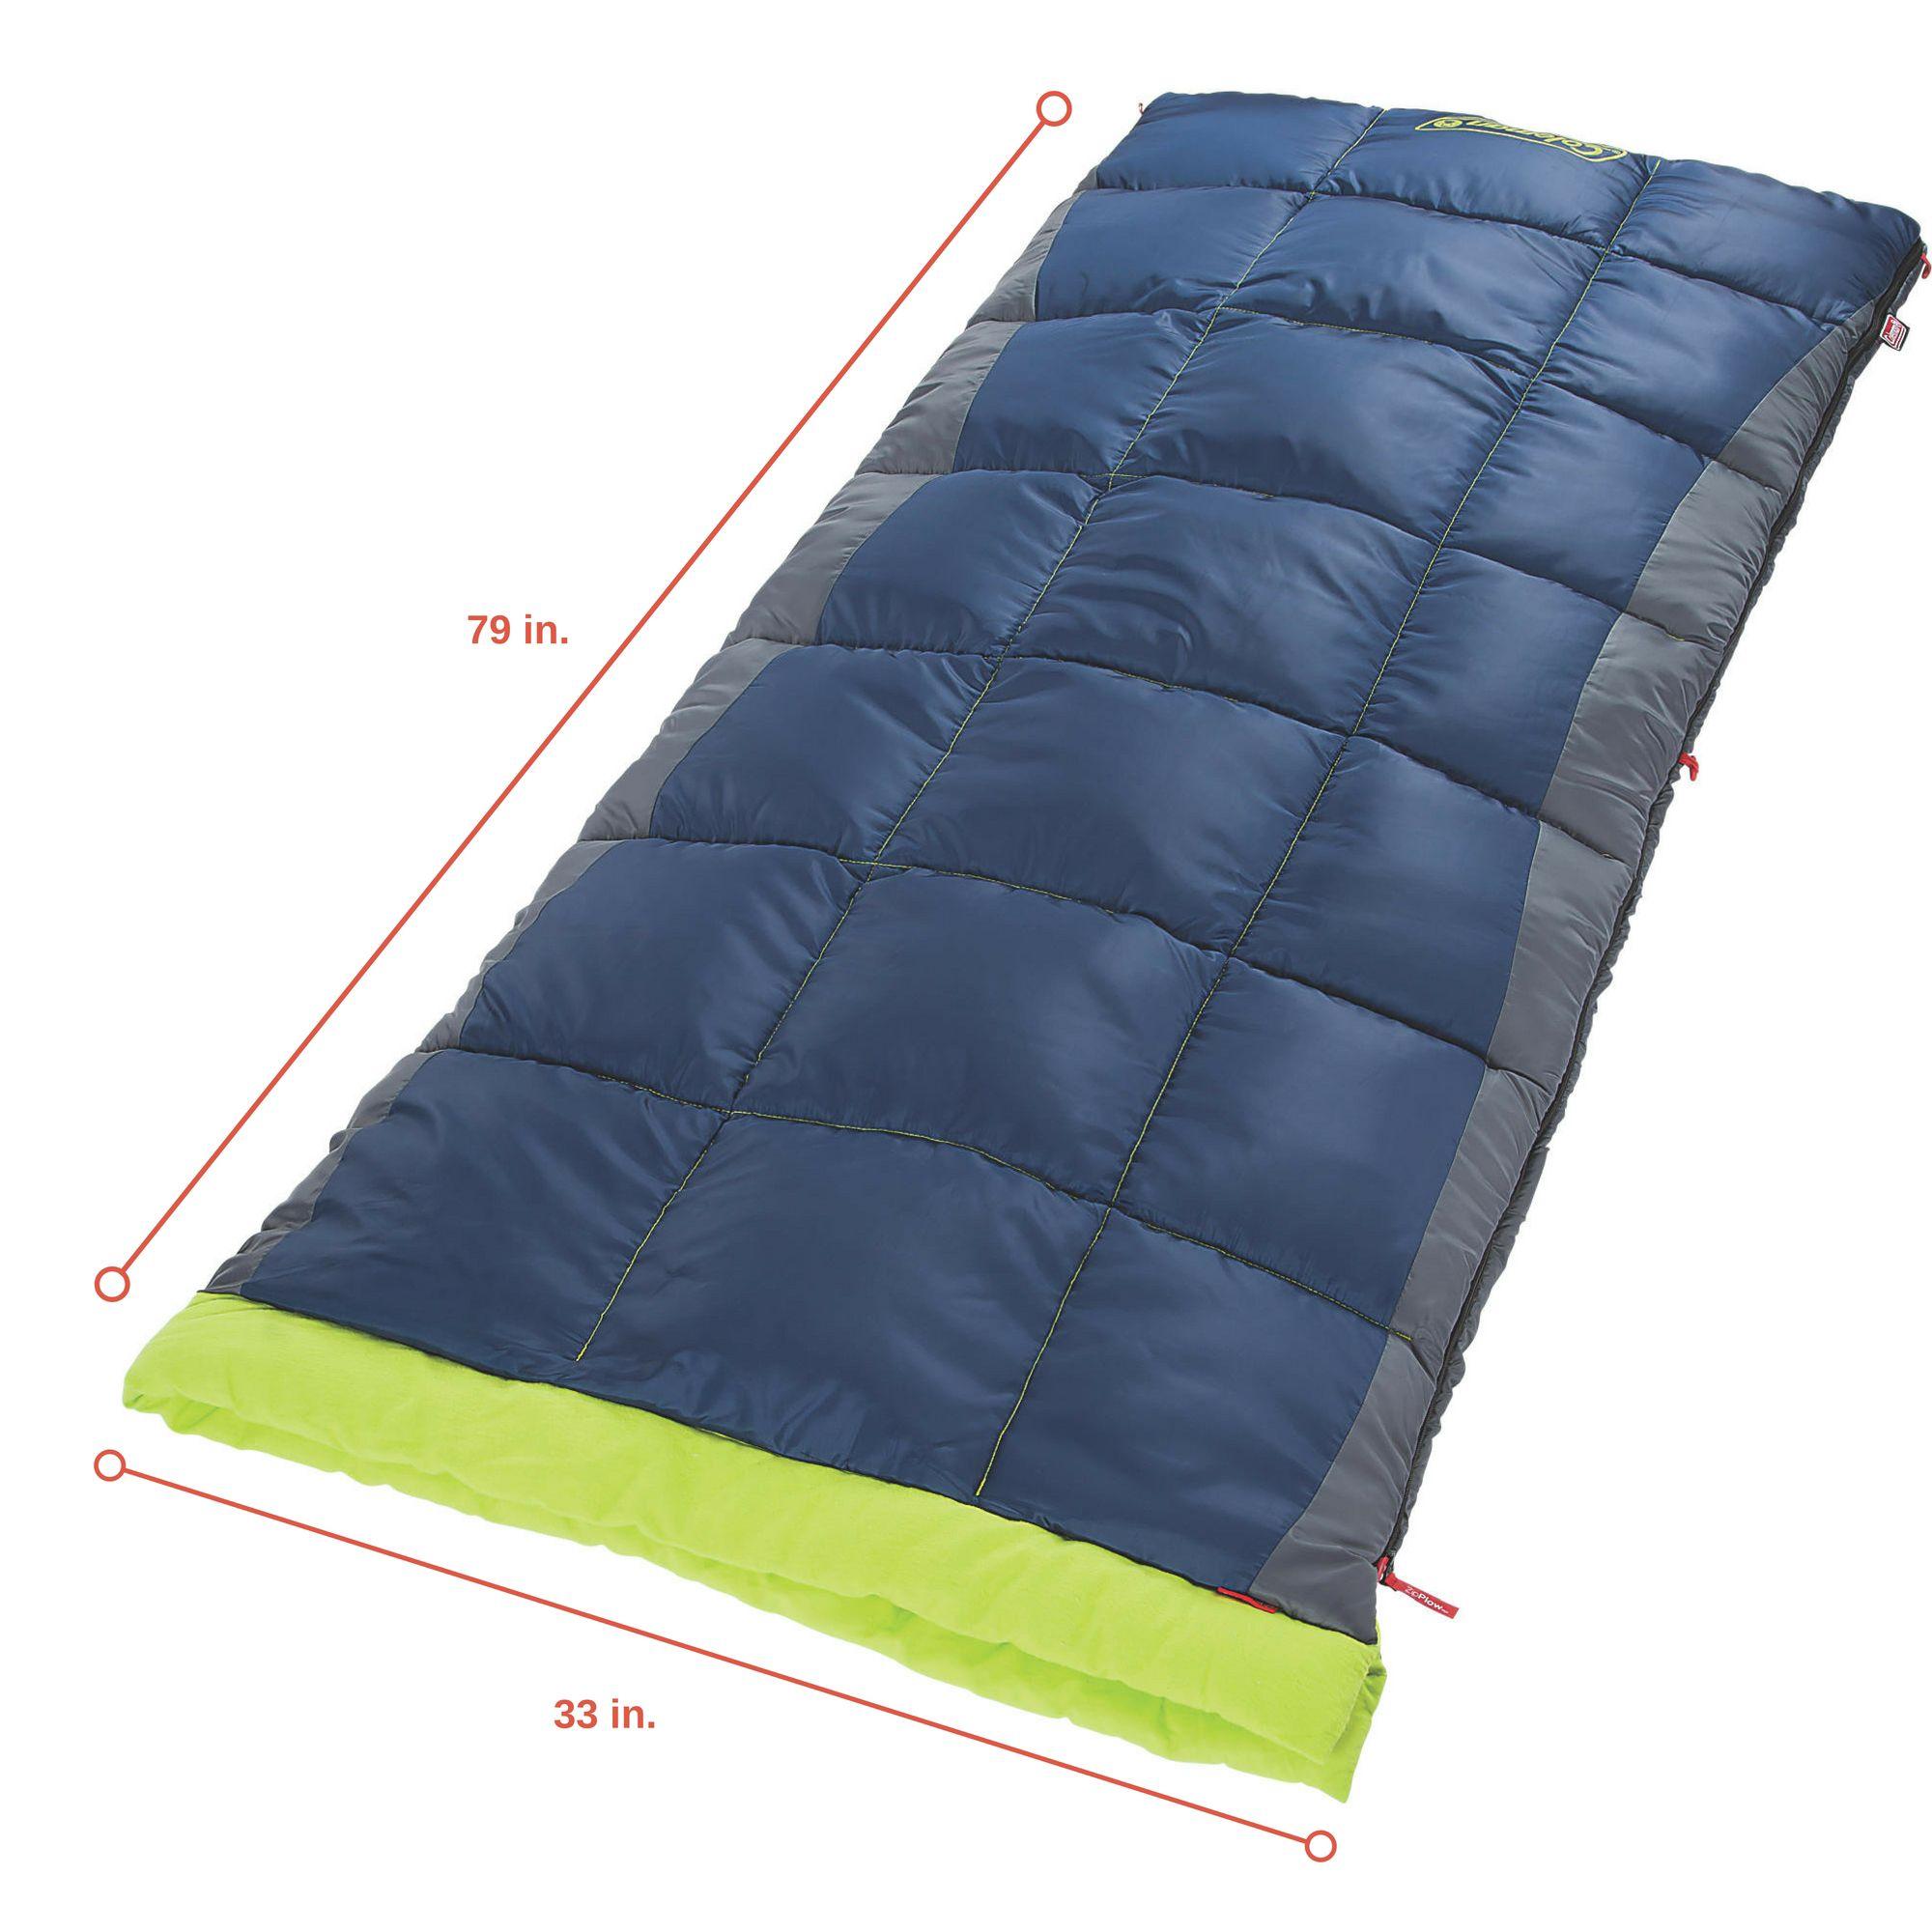 Heaton PeakTM 40 Tall Sleeping Bag